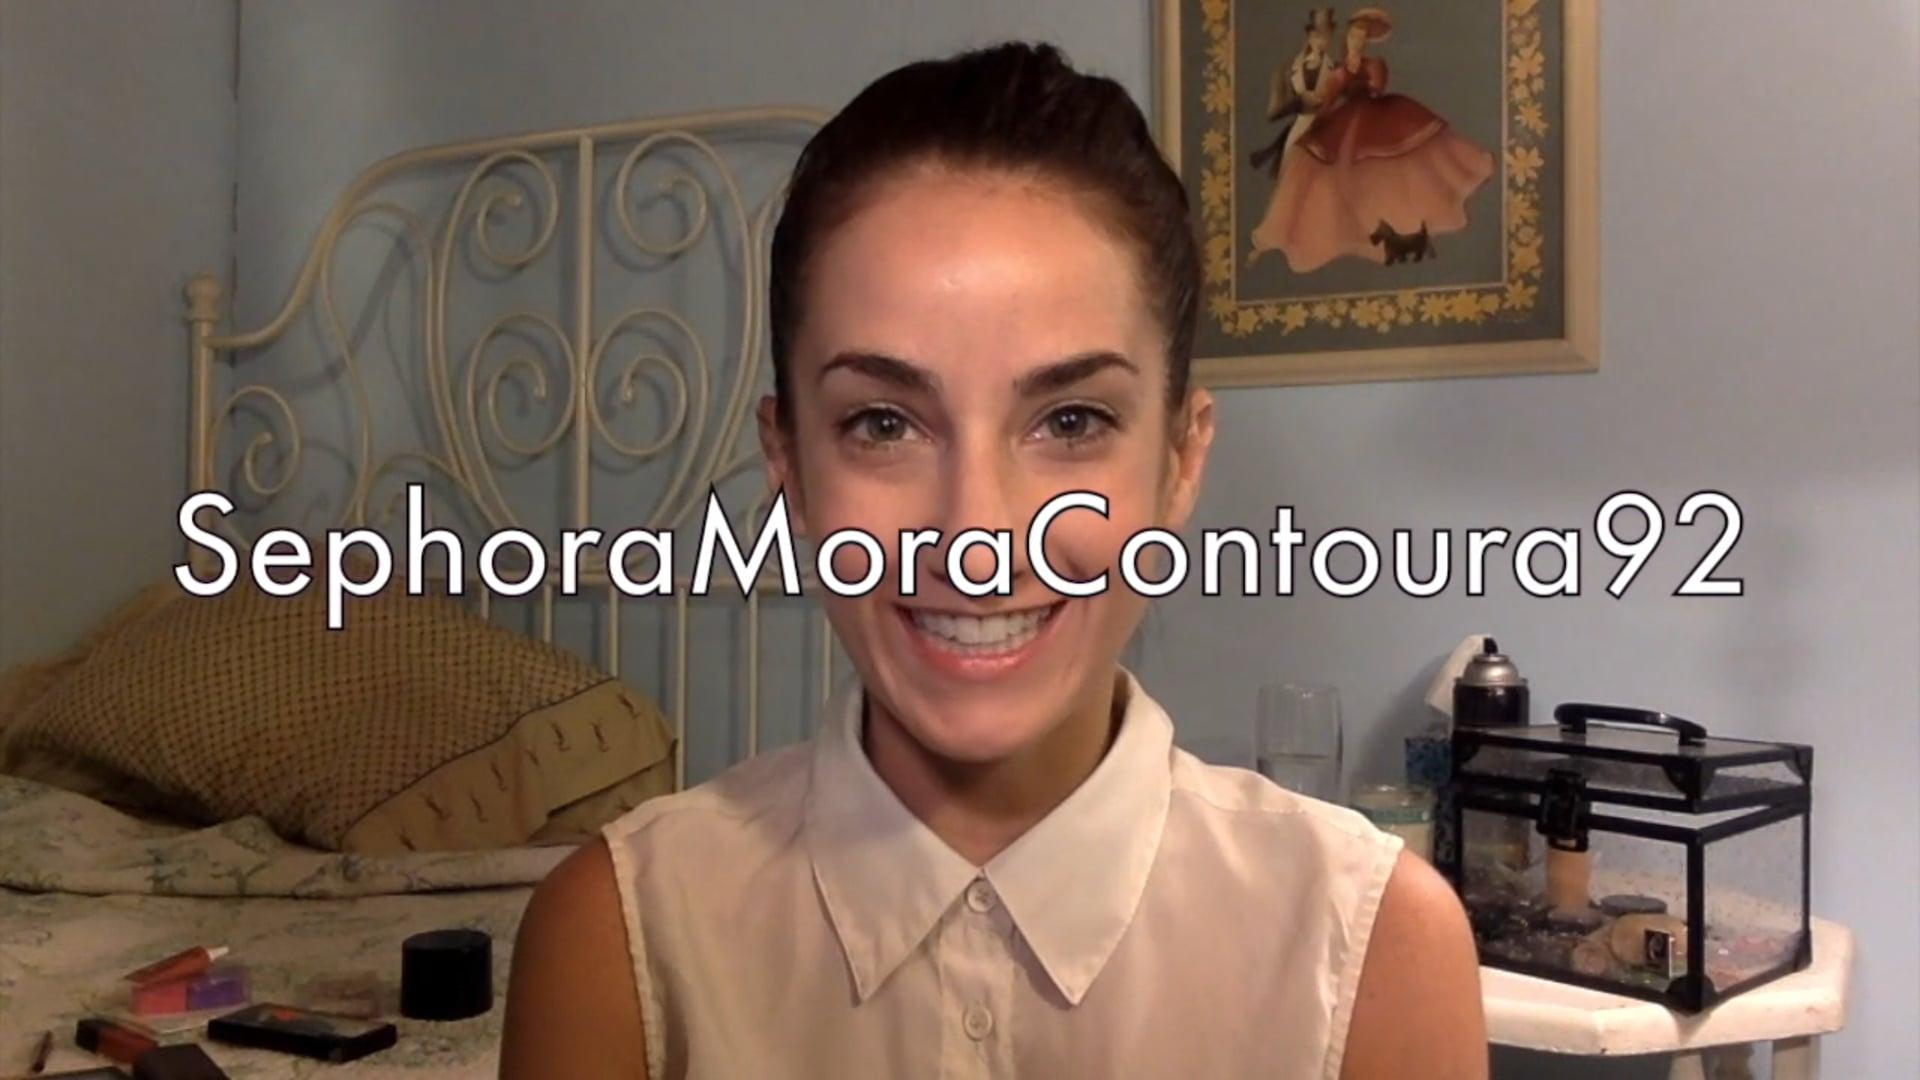 SephoraMoraContoura92